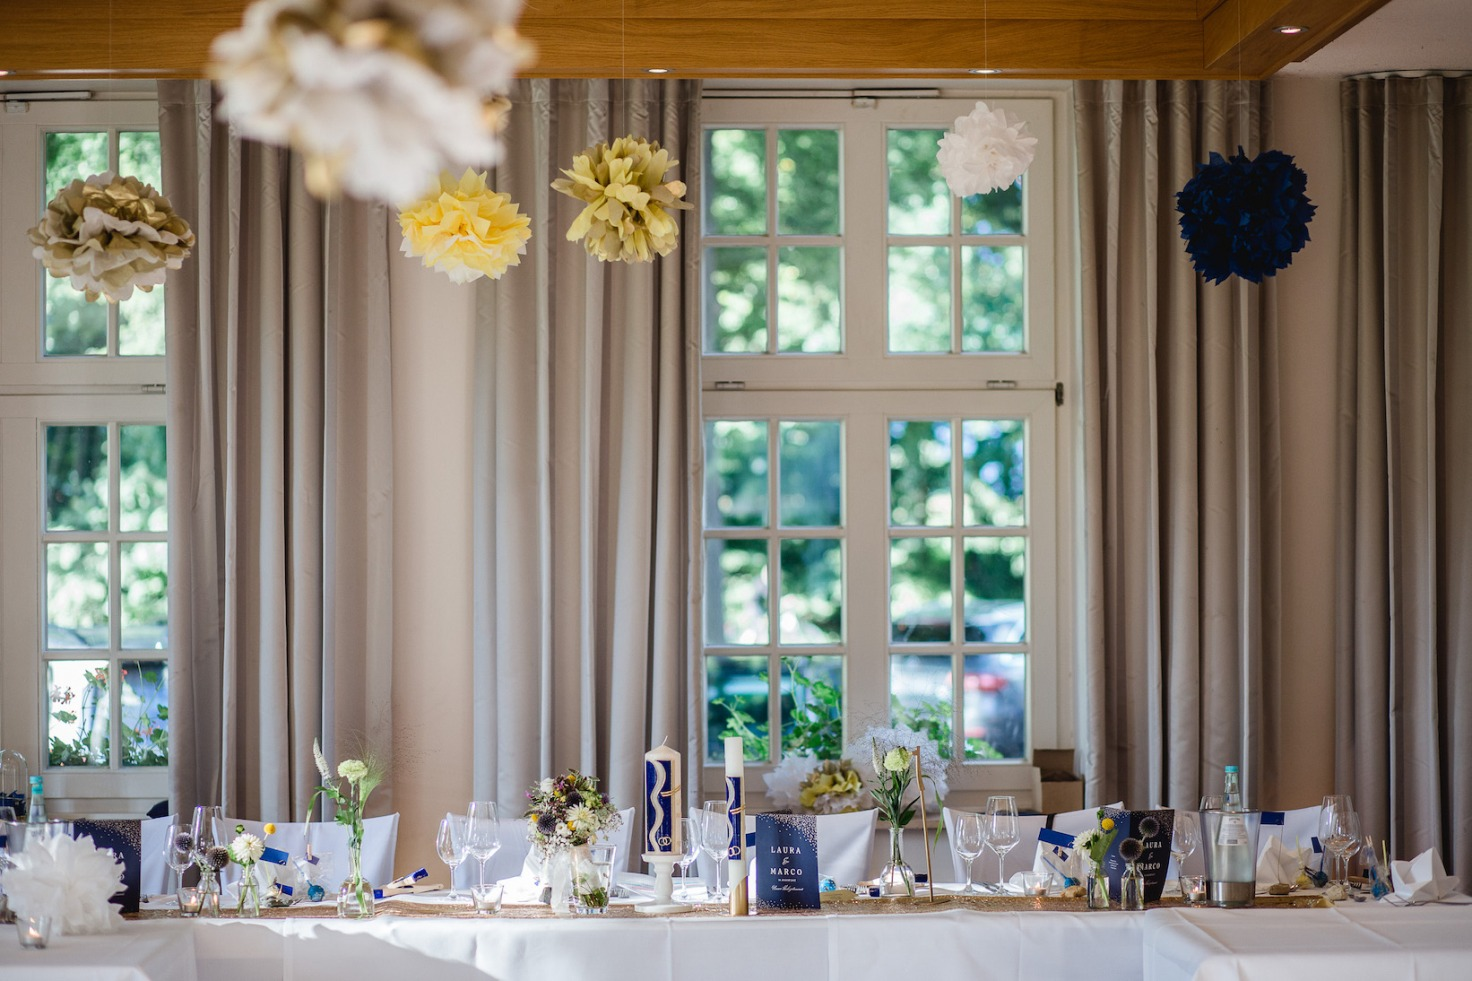 Hochzeit von Laura und Marco in Münster: Eingedeckter Brauttisch im Saal